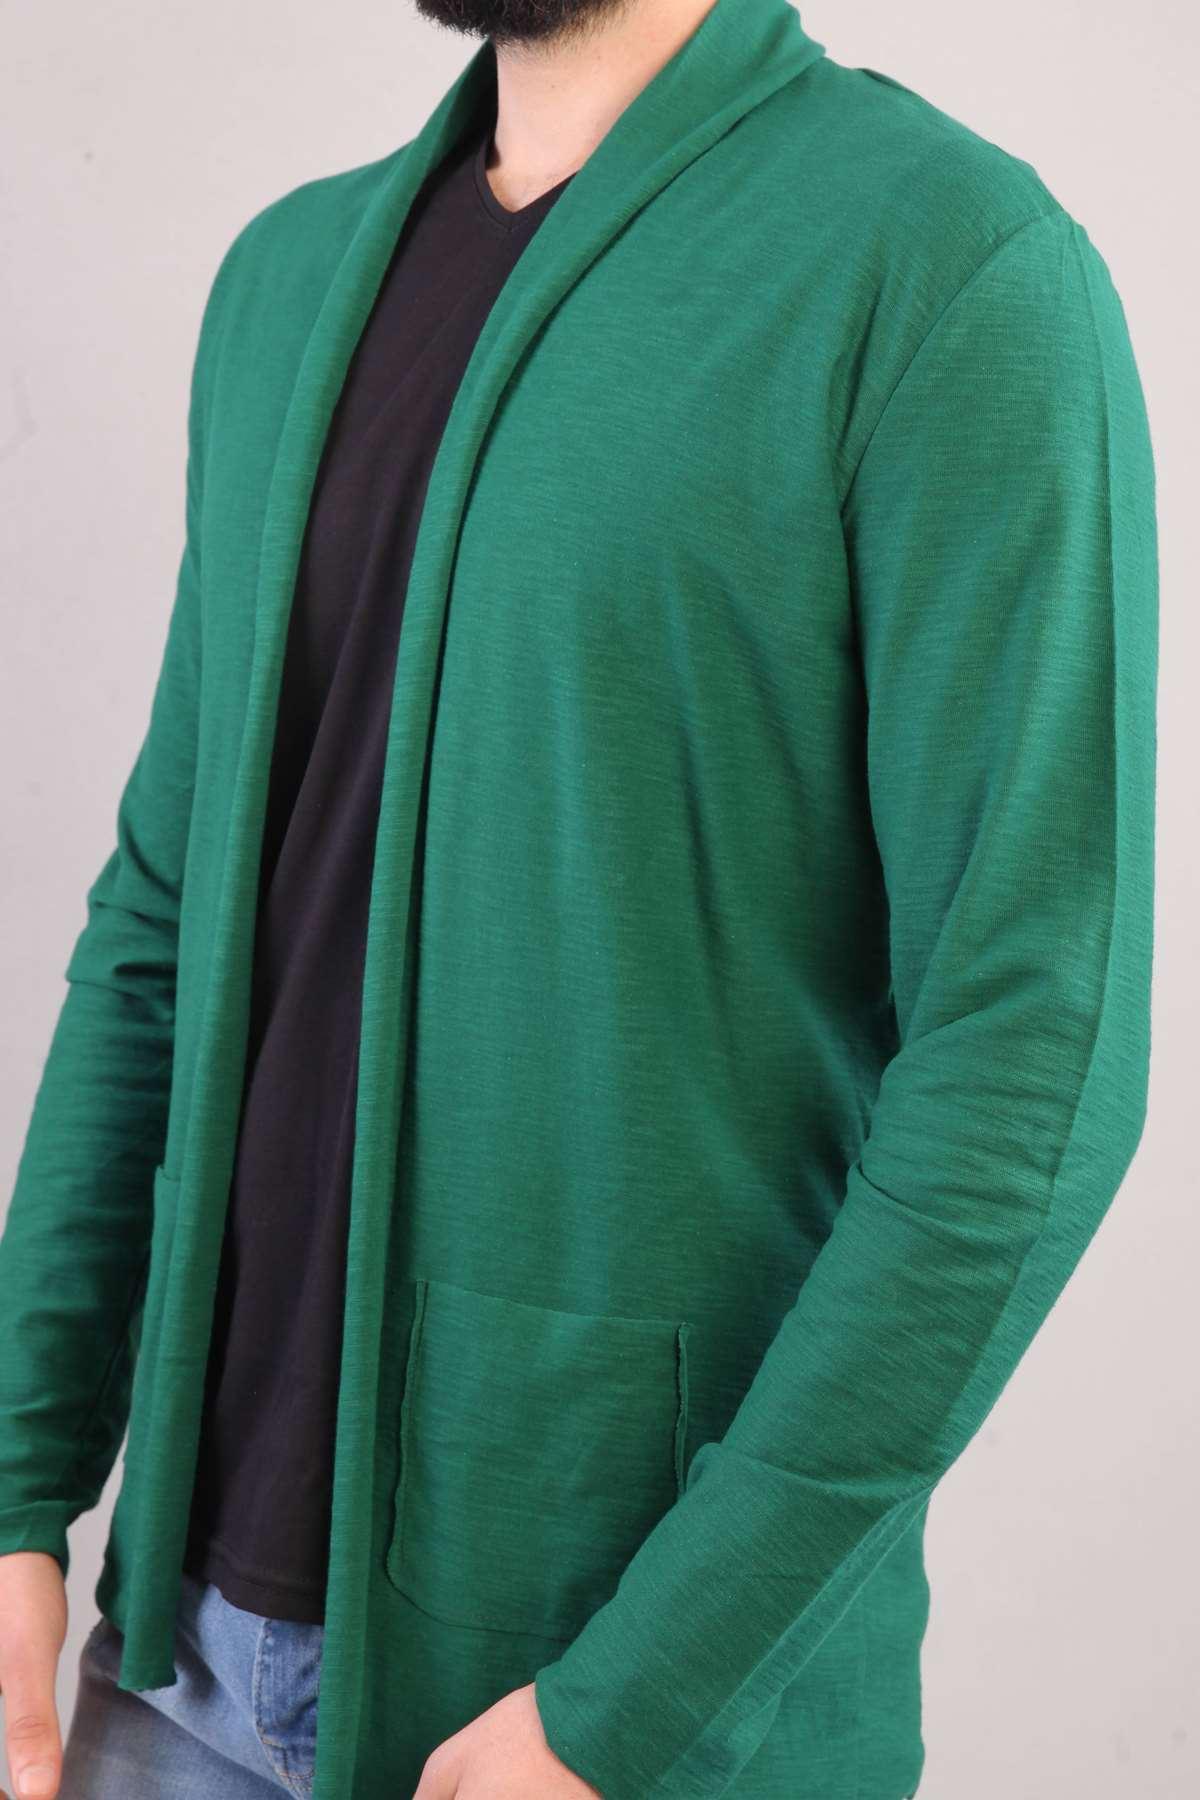 Baharlık Cepli Yaka Detaylı Ceket Yeşil